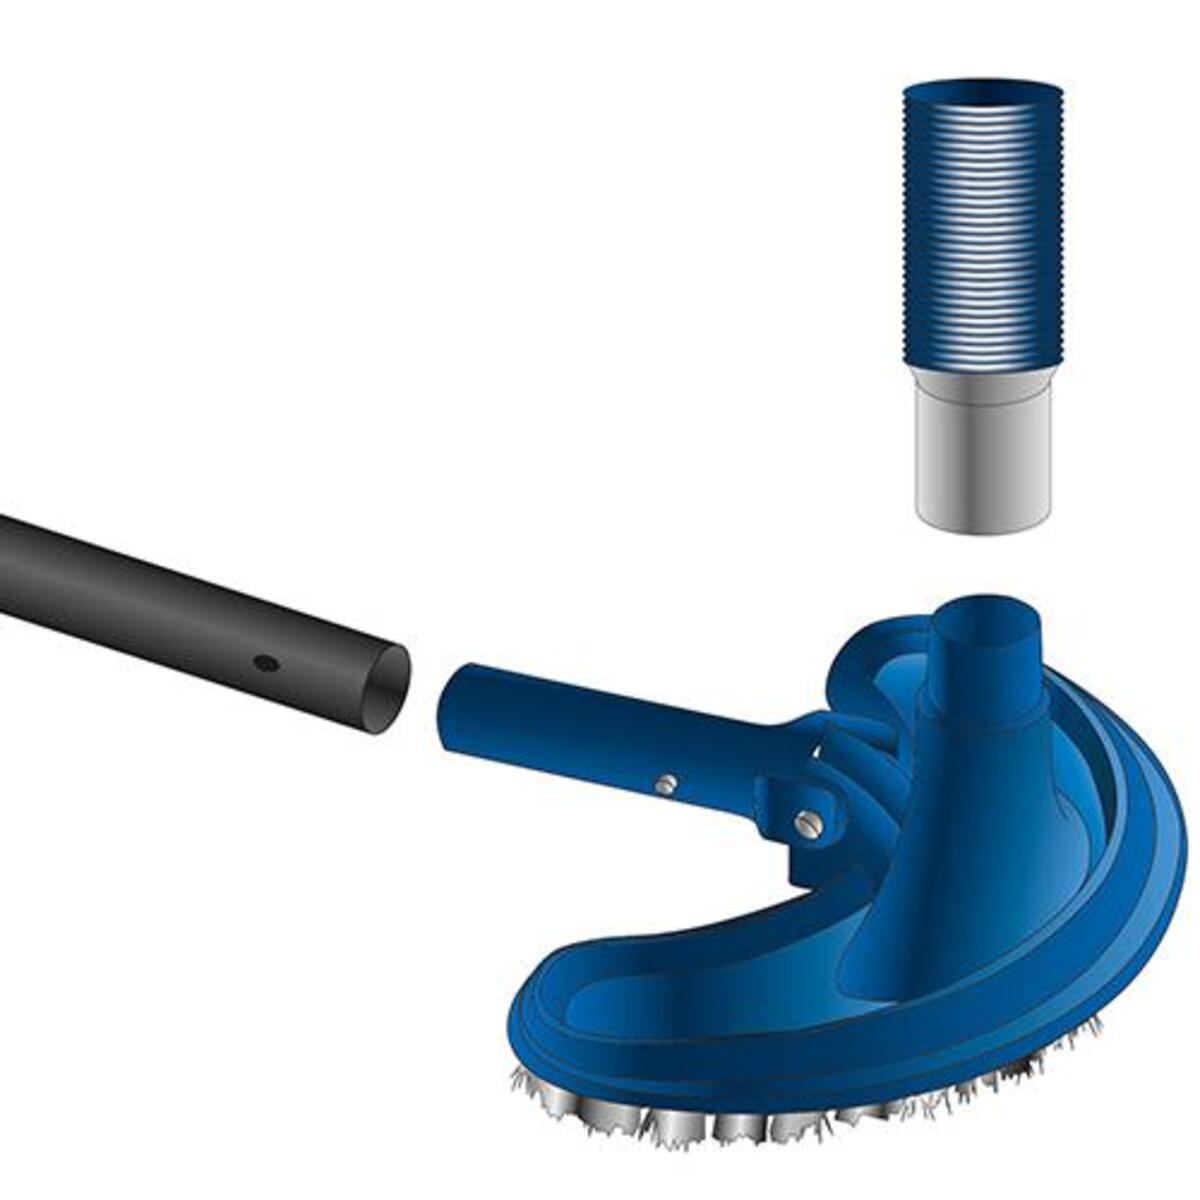 Bild 2 von Mauk Reinigungs- Saug- Aufsatz Bodendüse Ø 38mm + Mauk Pool Hand Schrubber Bürste mit Handriff